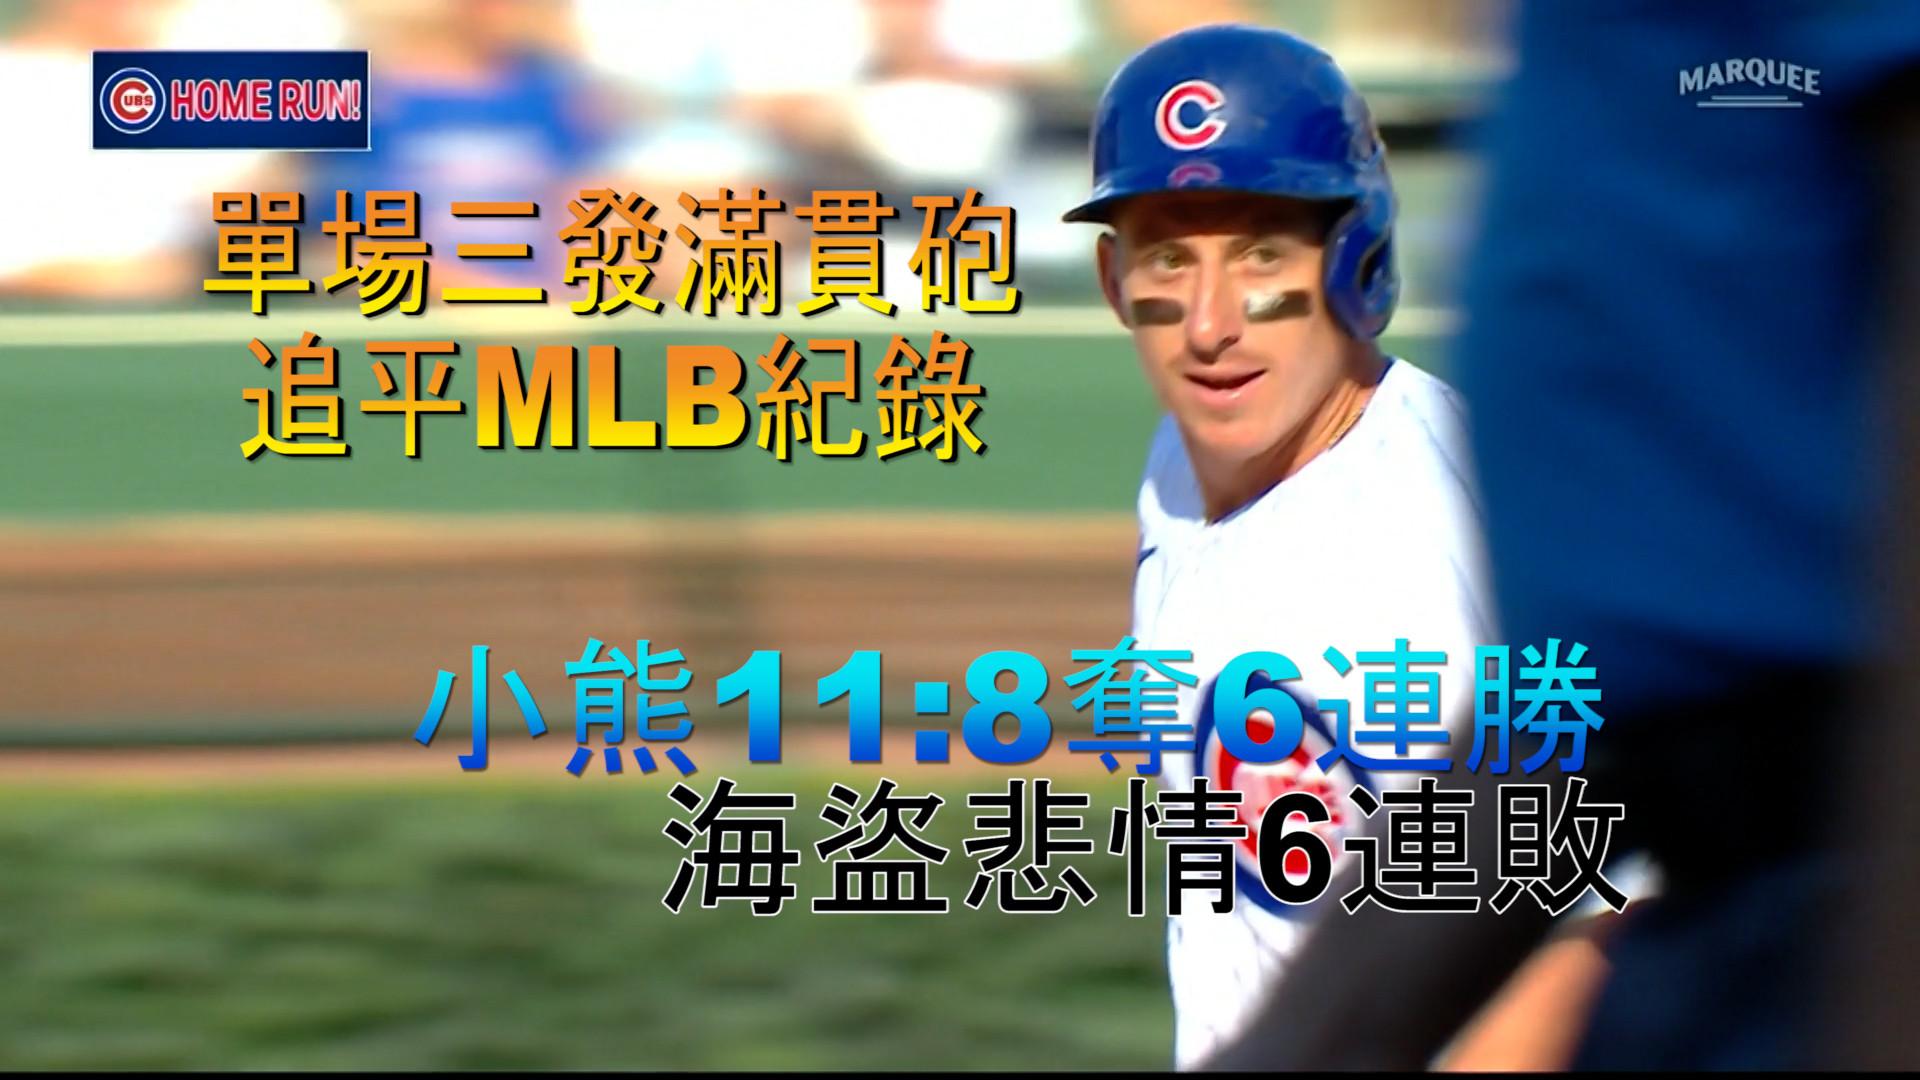 【MLB看愛爾達】MLB煙火大秀 小熊11:8轟垮海盜 09/06